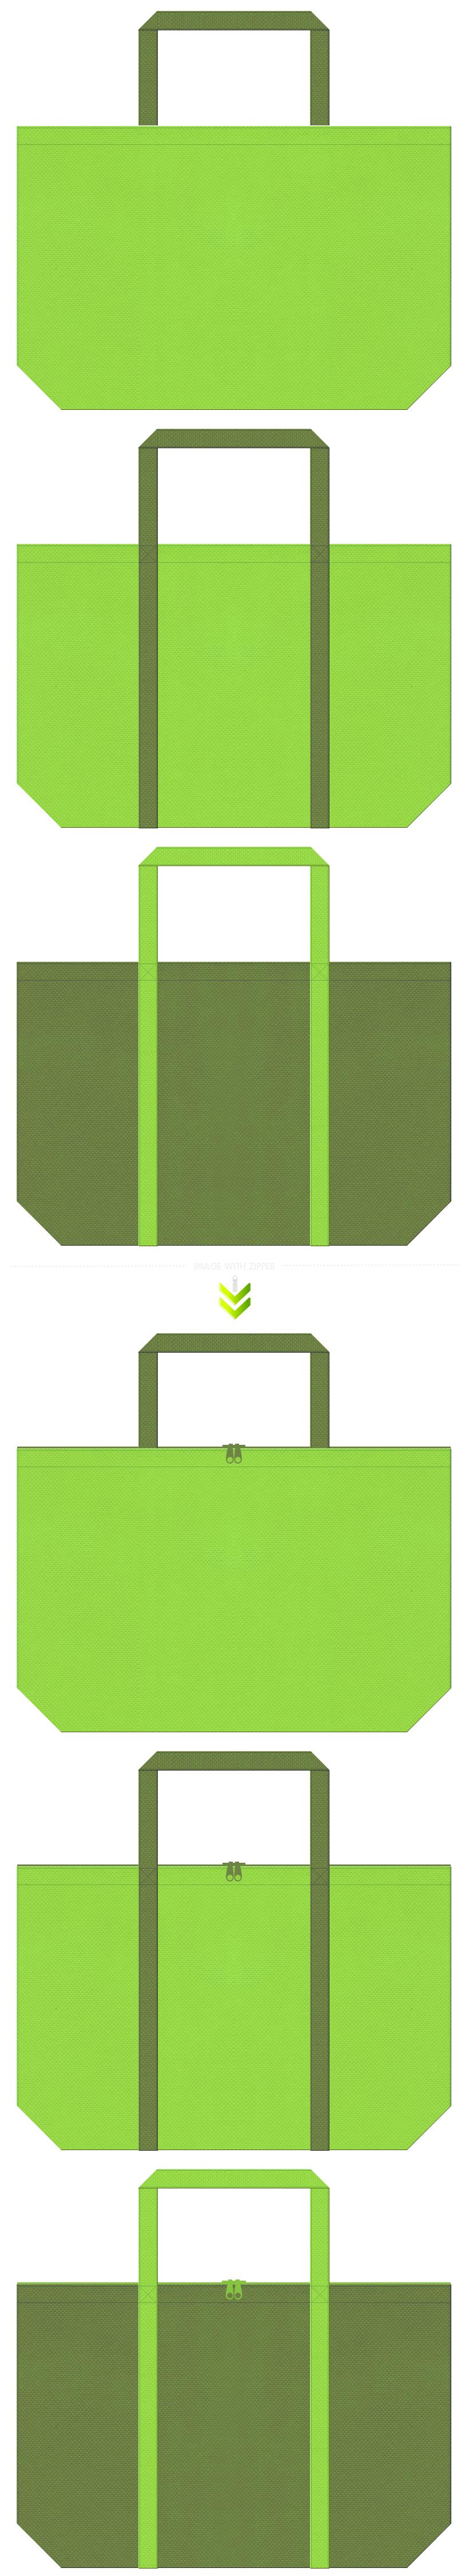 黄緑色と草色の不織布エコバッグのデザイン。新茶・青汁・造園にお奨めの配色です。